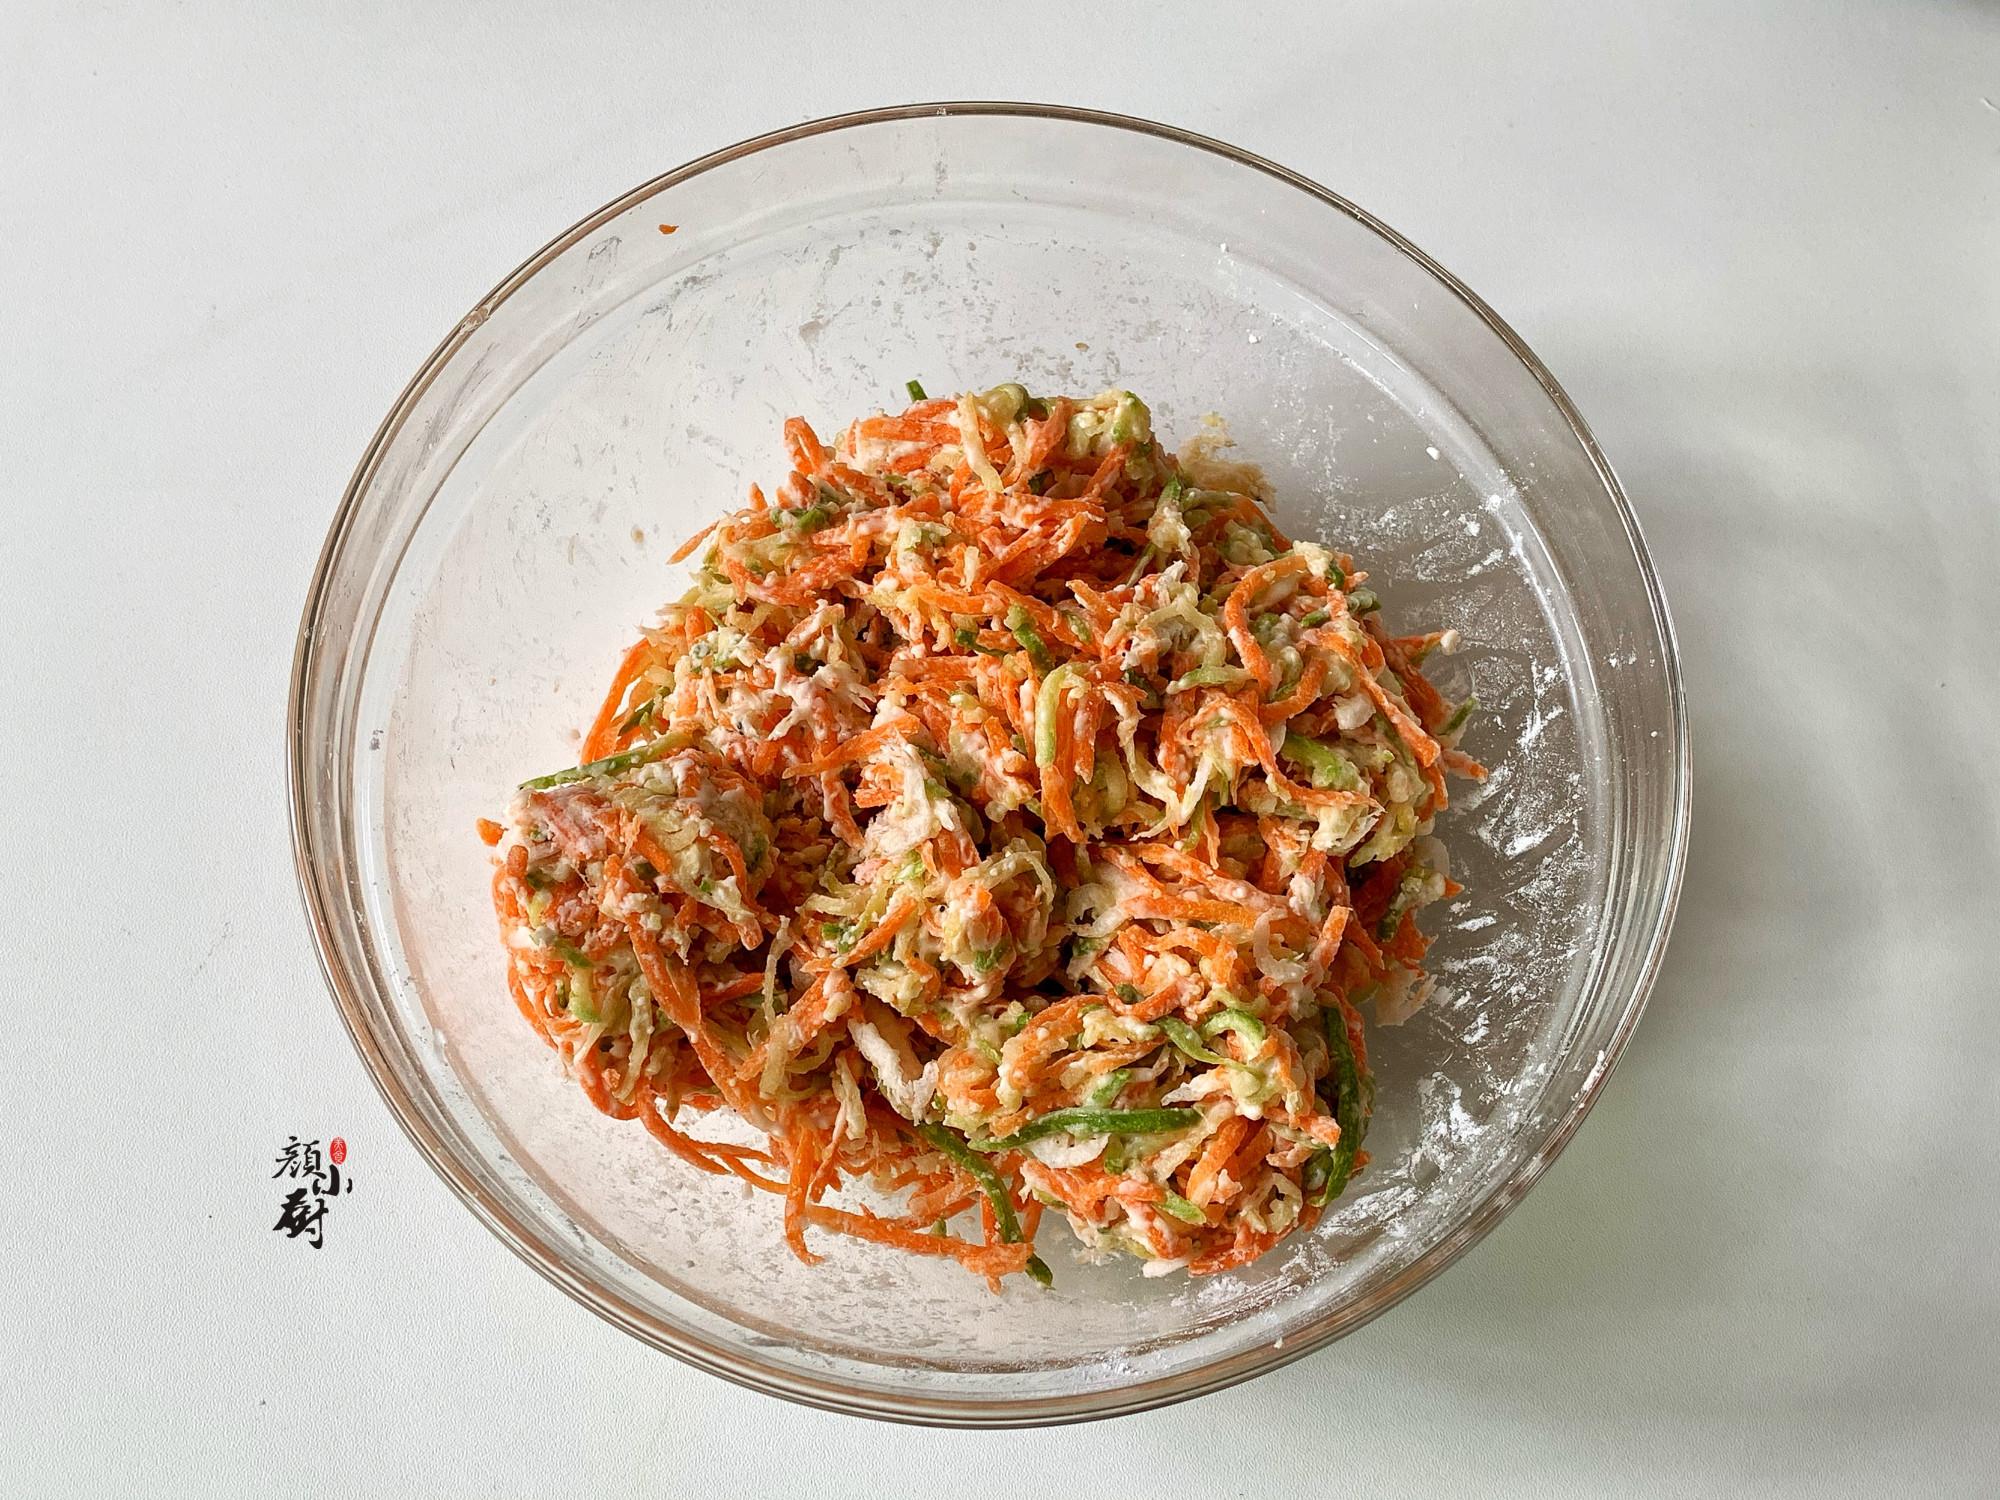 这食材最近吃得多,3元做一盘,搓成小丸子蒸一锅,蘸料吃真香 美食做法 第7张